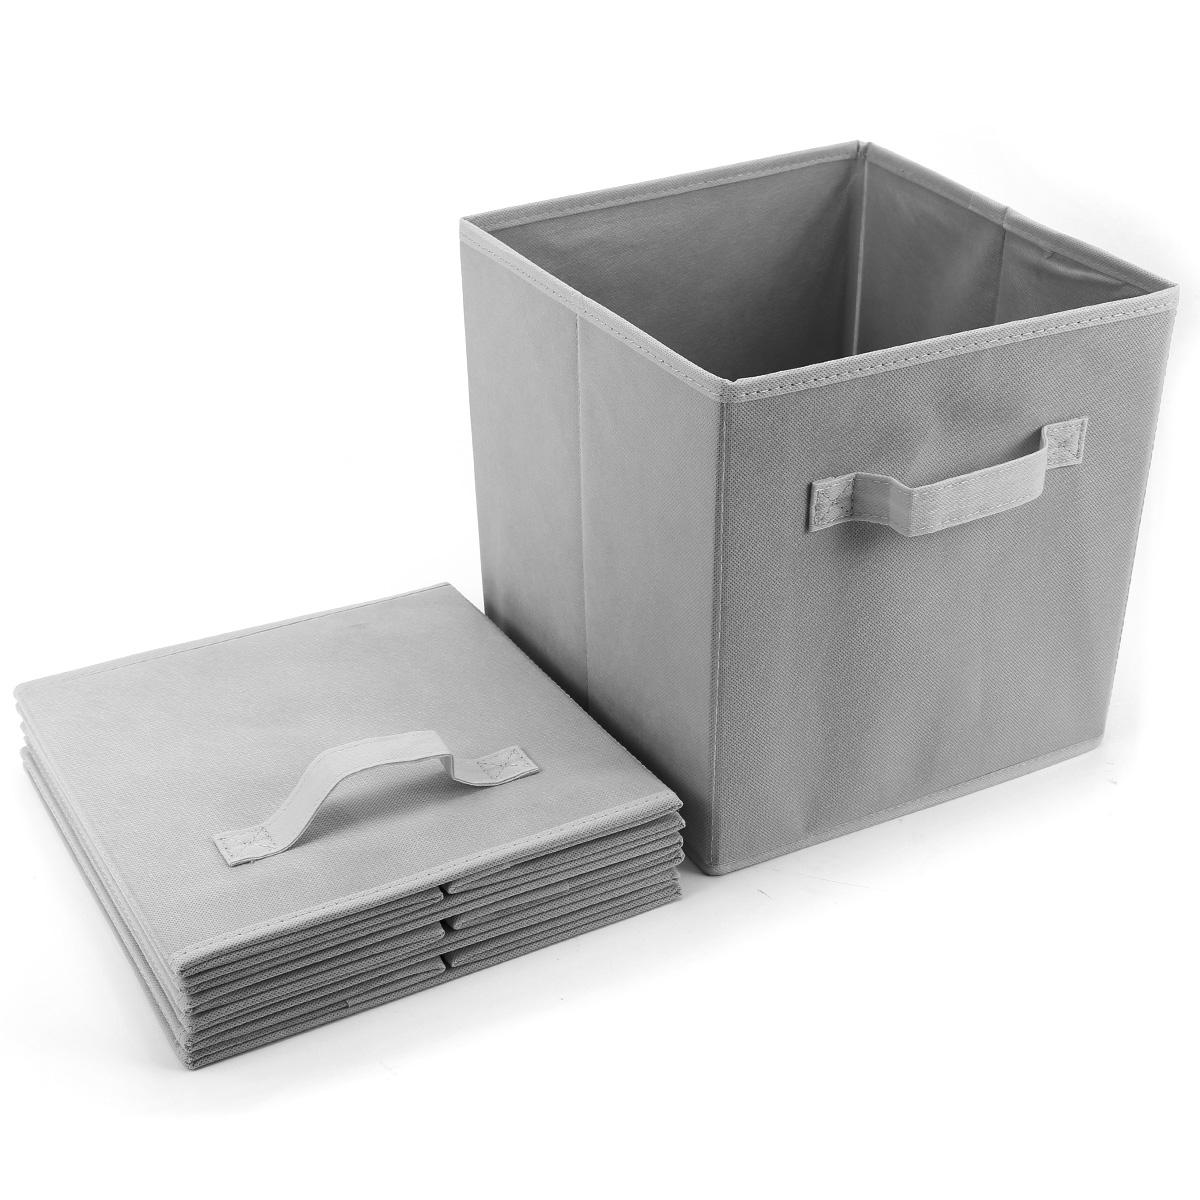 Paquete de 4pcs cajas de almacenaje para ropa accesorios - Cajas de almacenaje ...